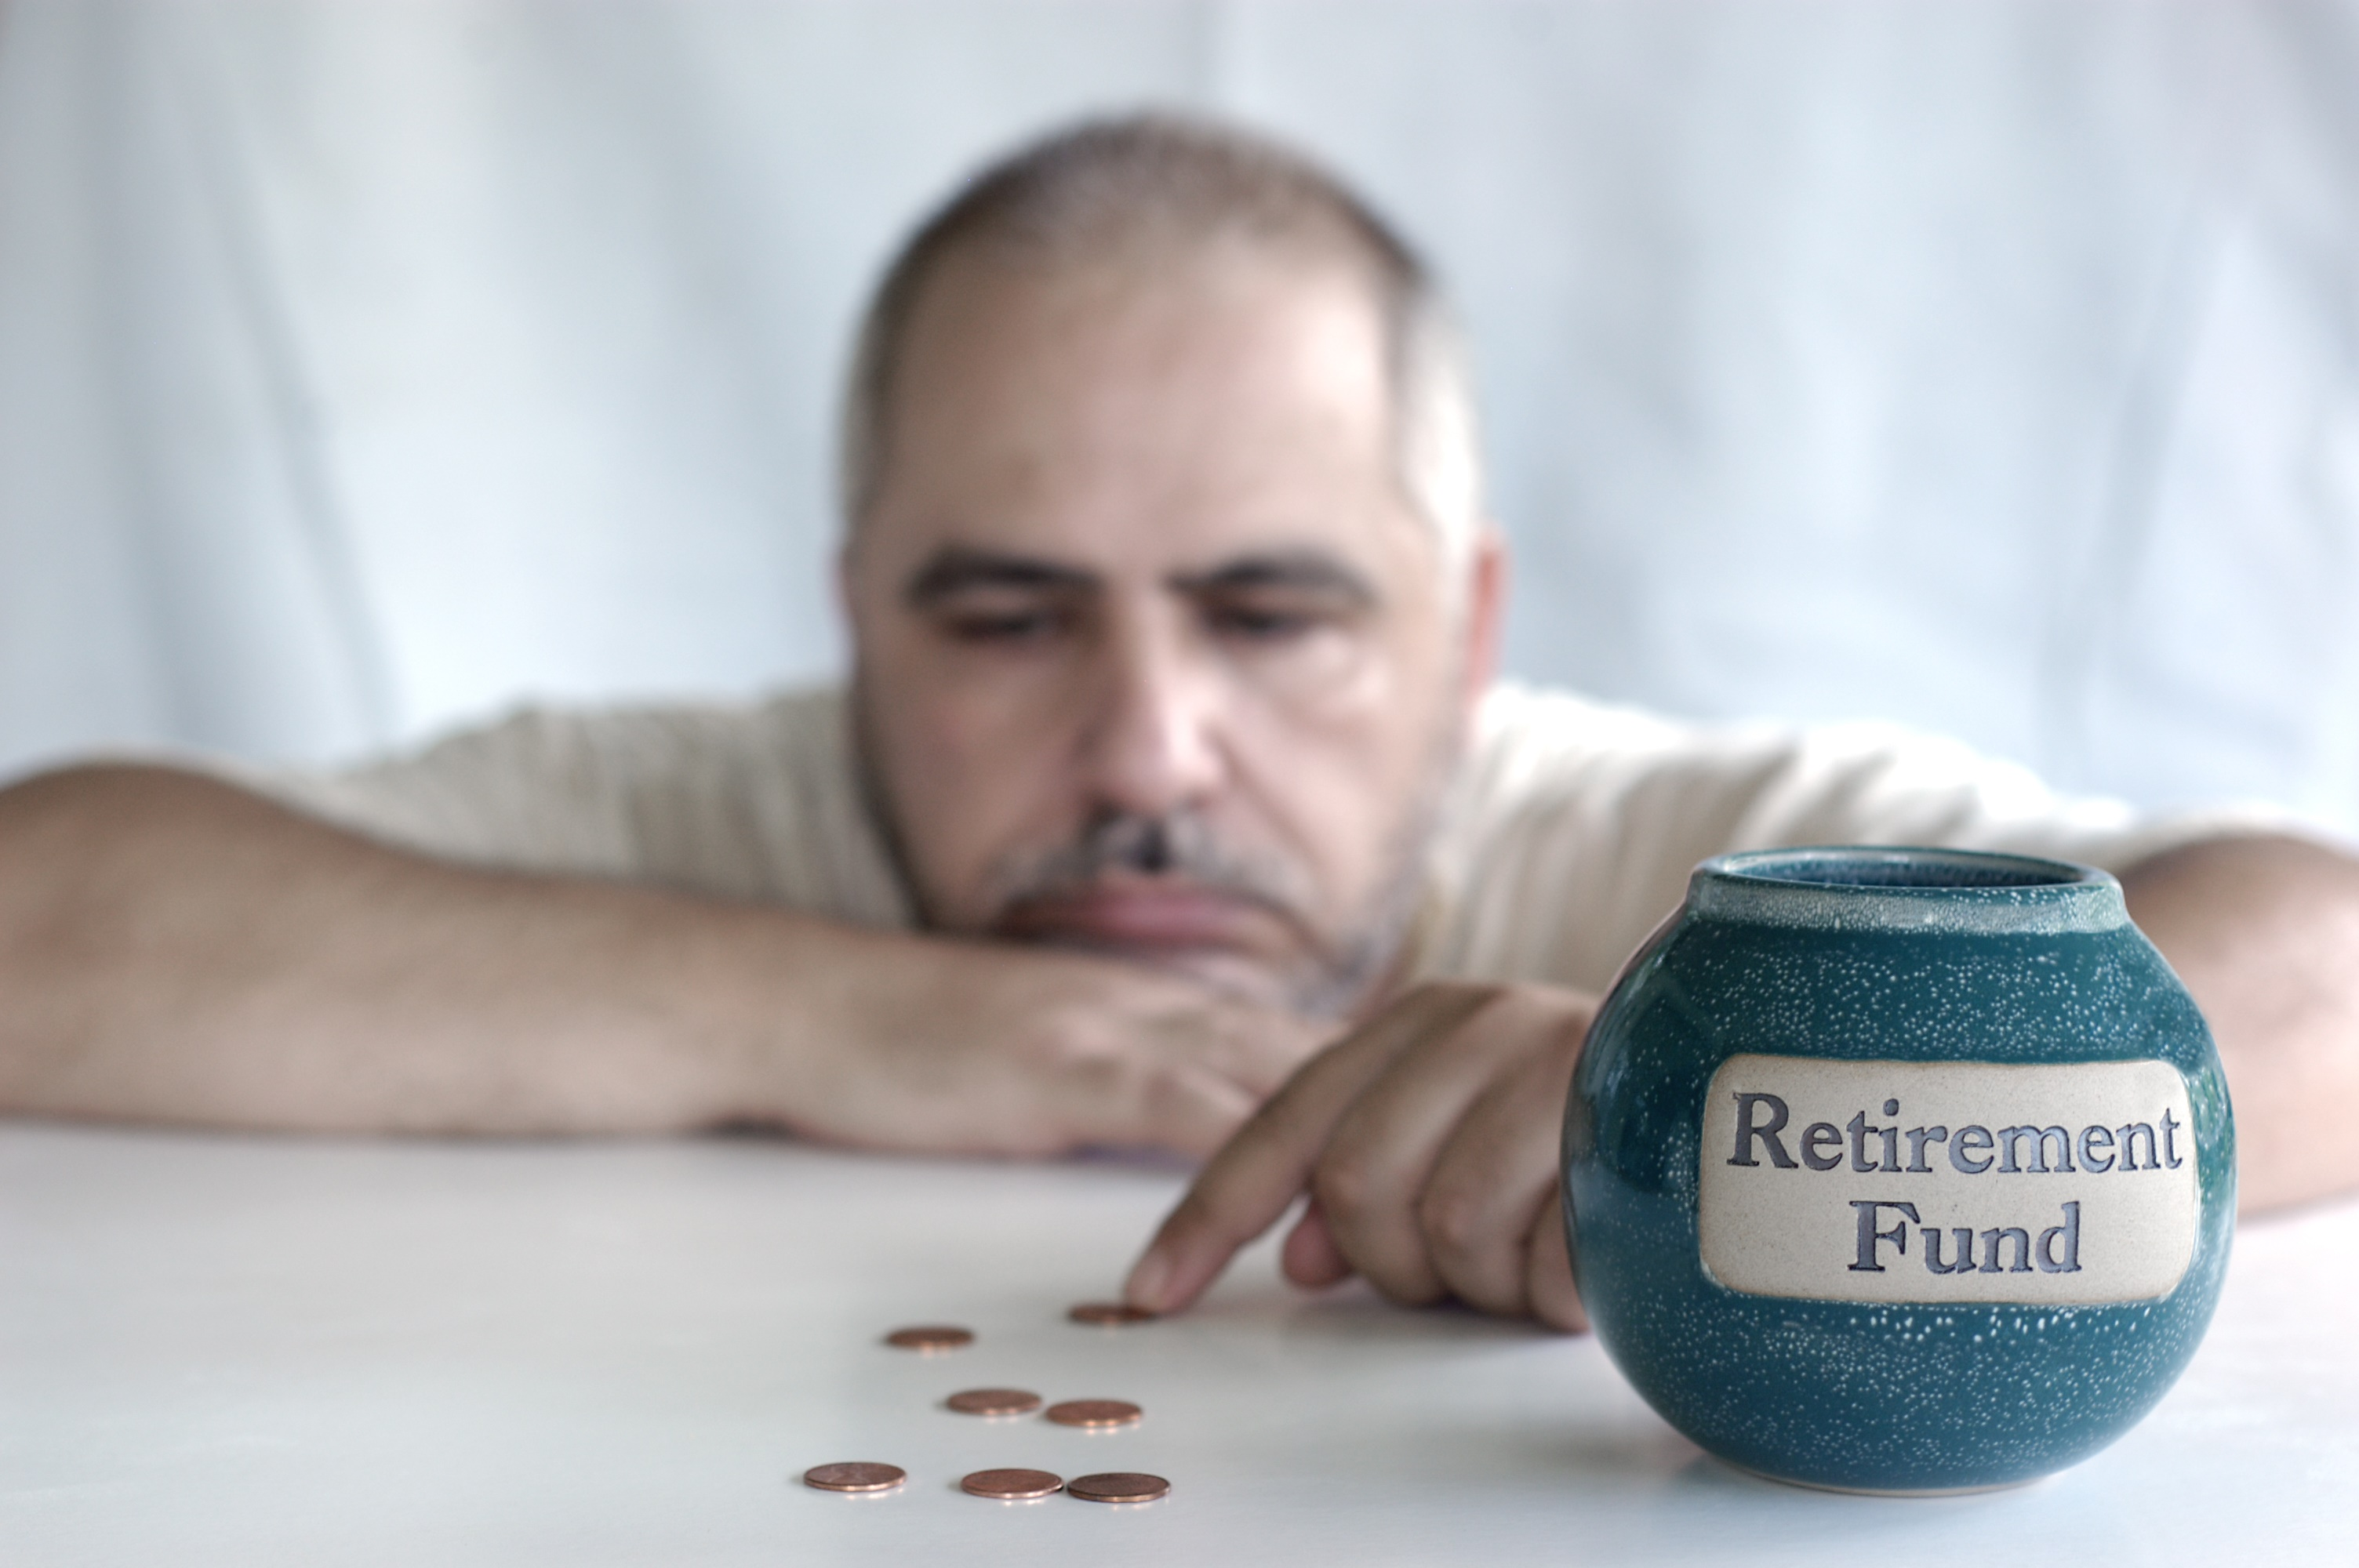 בחרת קרן פנסיה , יתכן ועשית טעות !